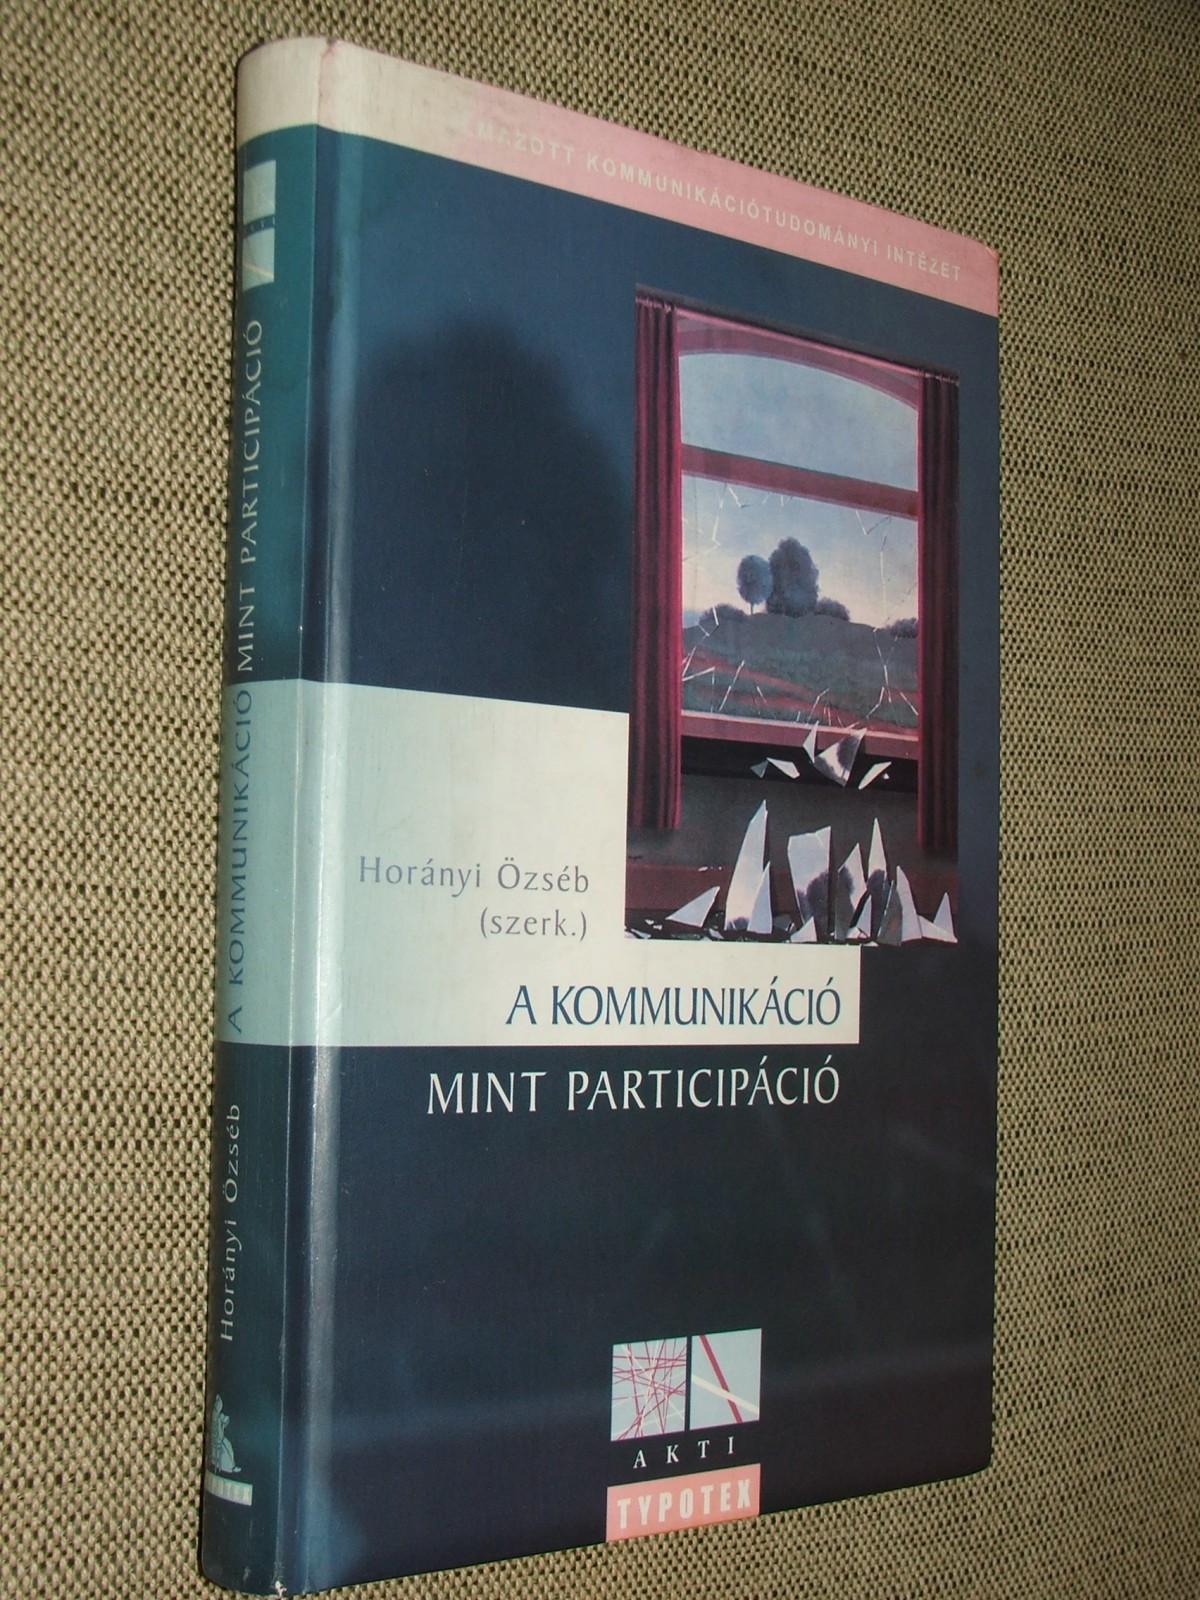 HORÁNYI Özséb (szerk.): A kommunikáció mint participáció